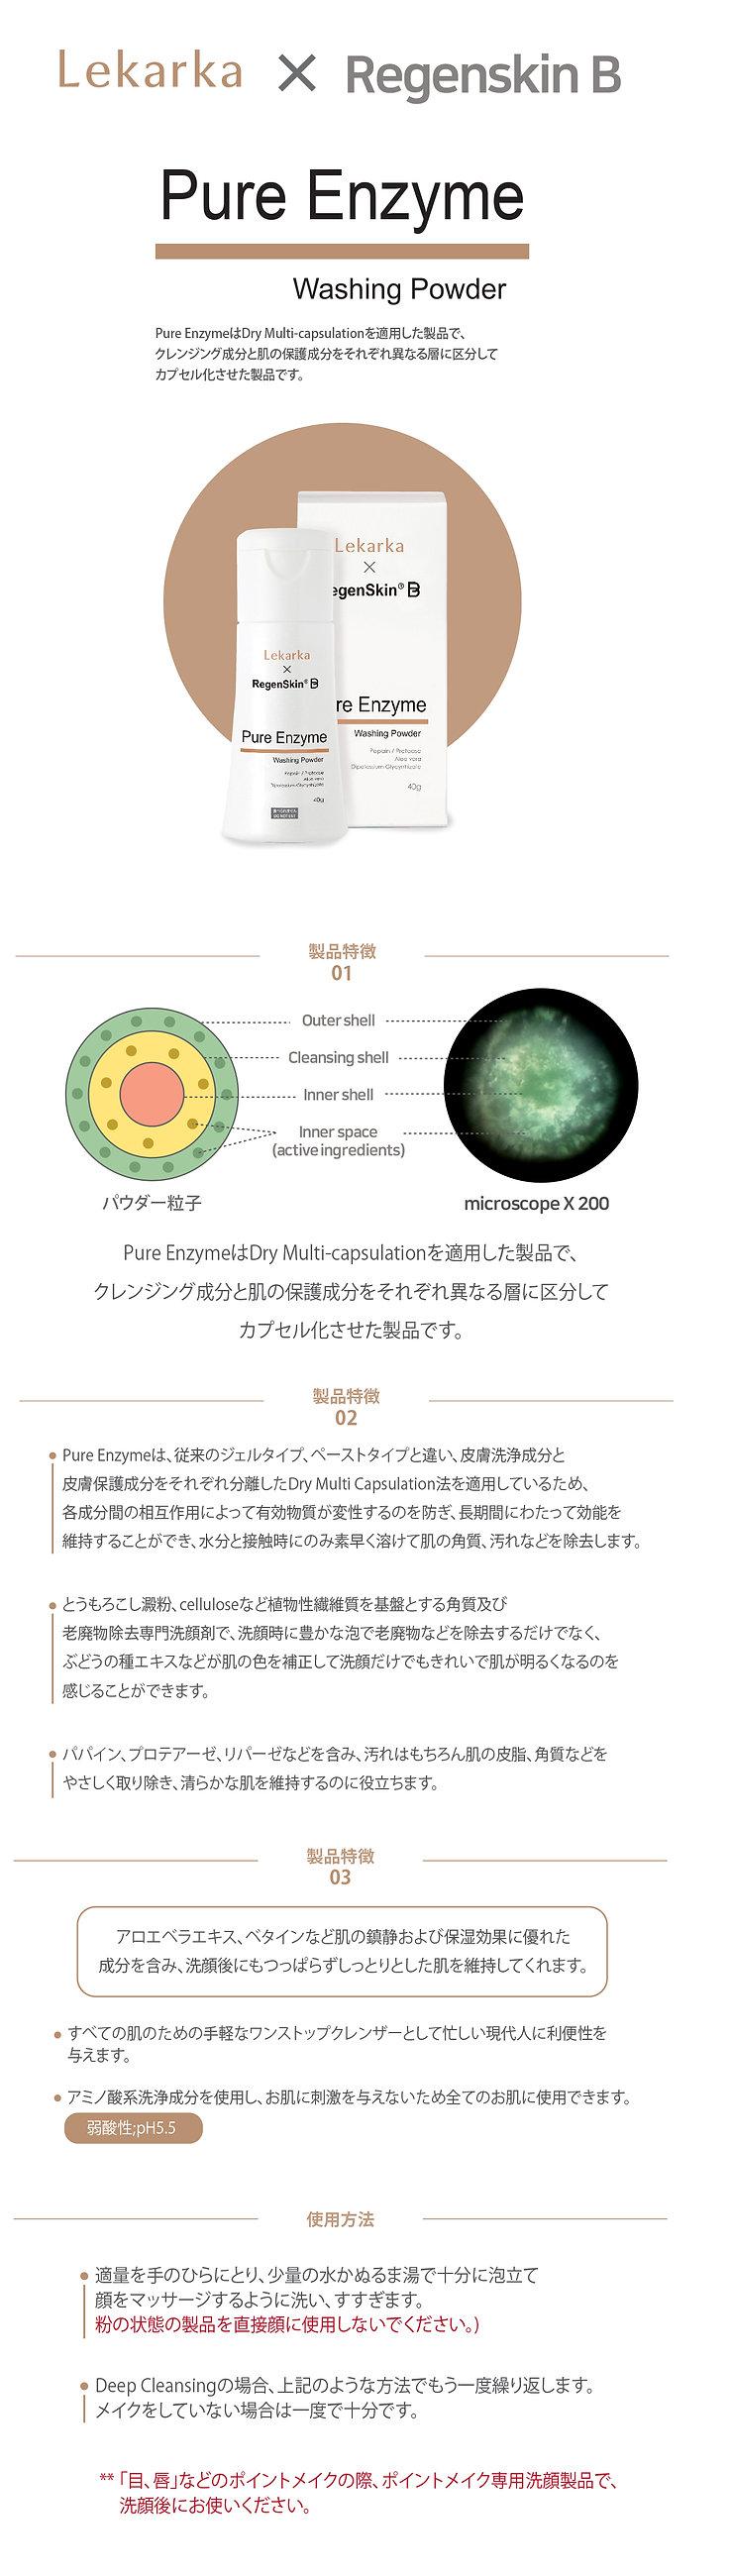 Regenskin-web-Pure-Enzyme-1.jpg